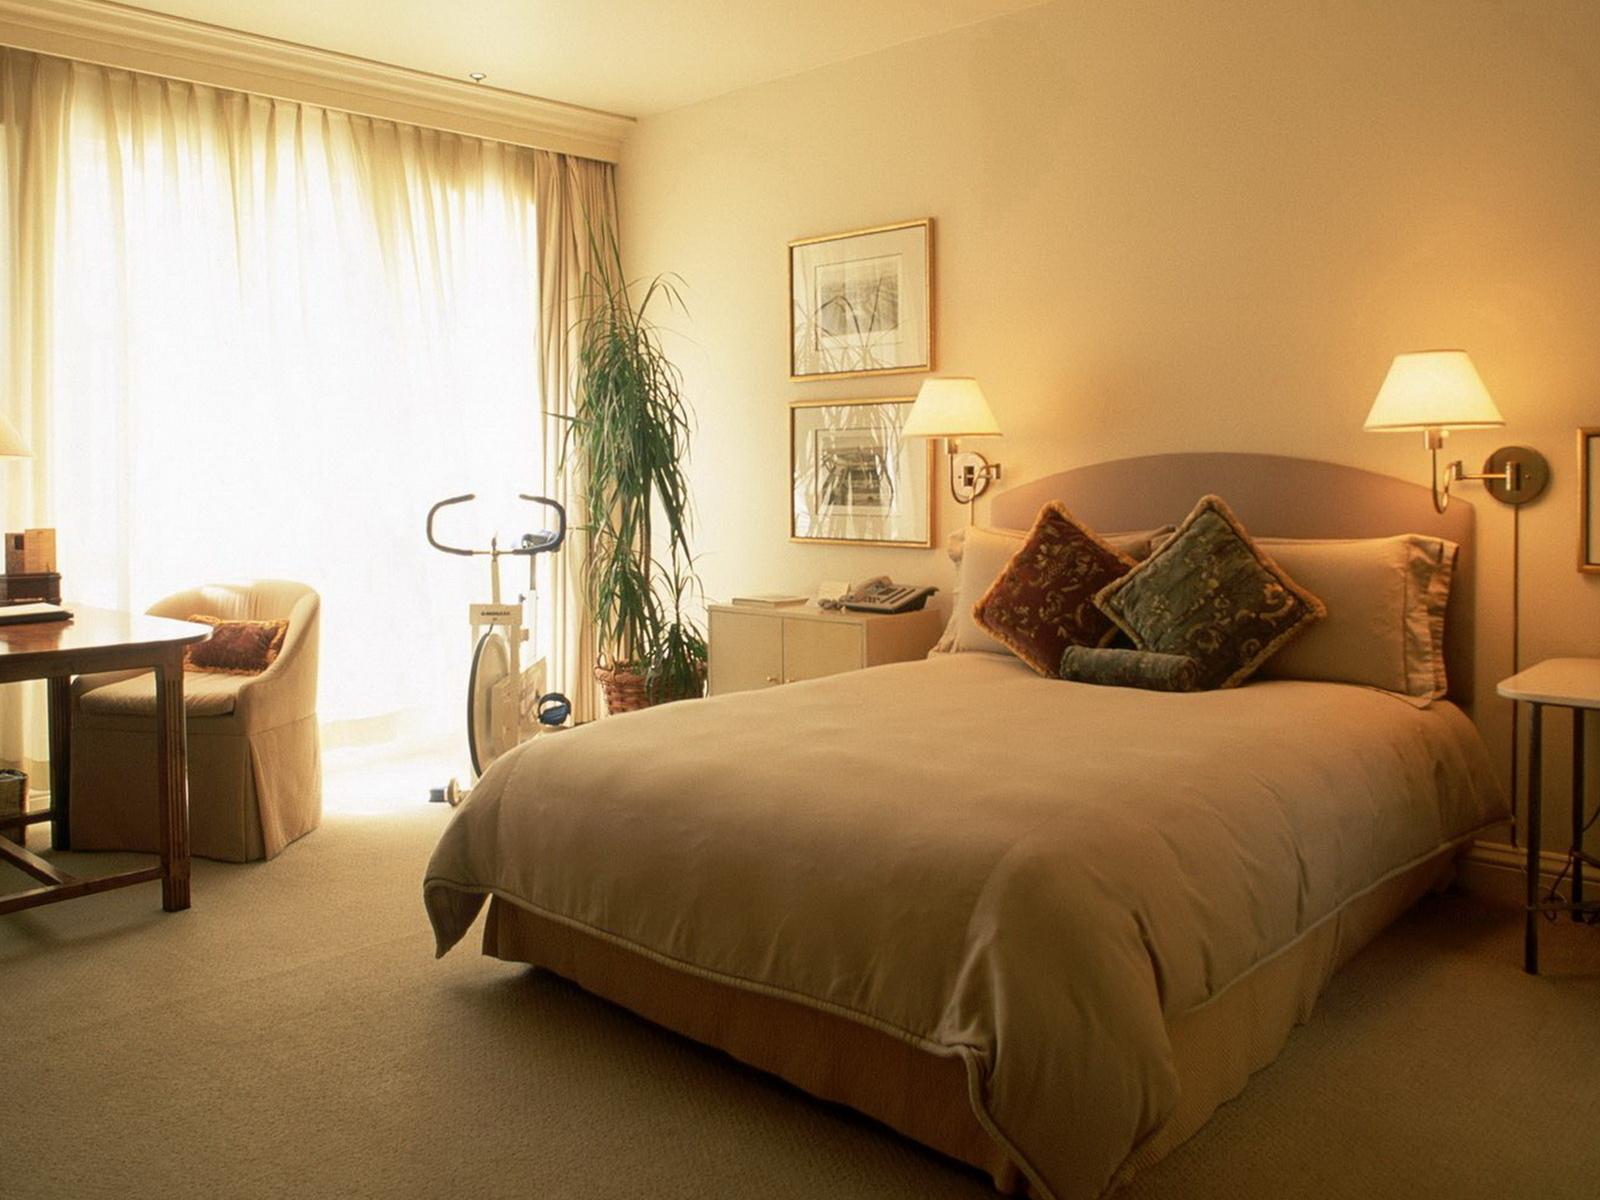 Dormitorios color beige - Dormitorio beige ...